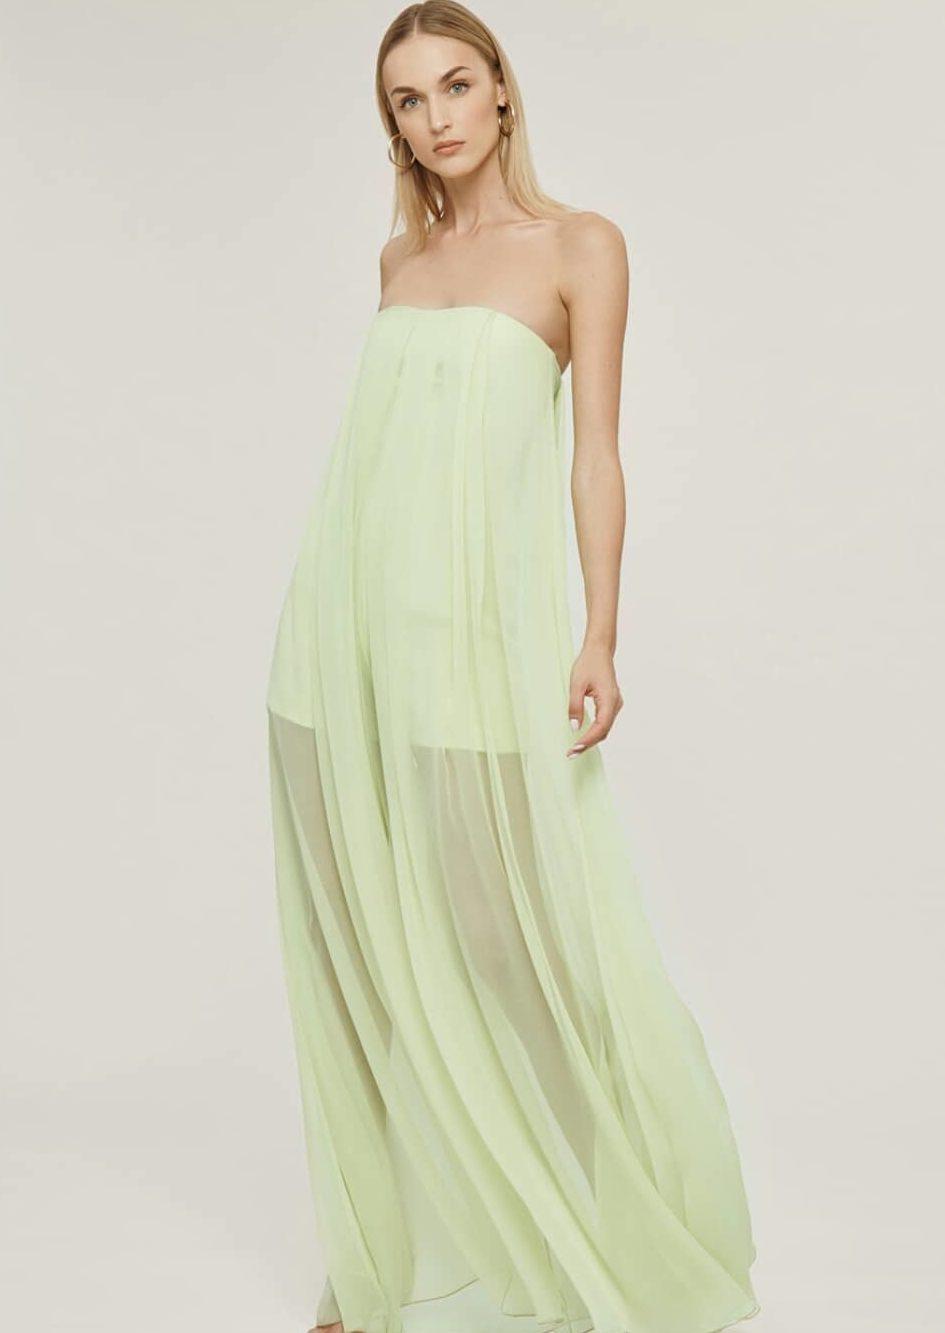 Длинное платье с открытыми плечами.